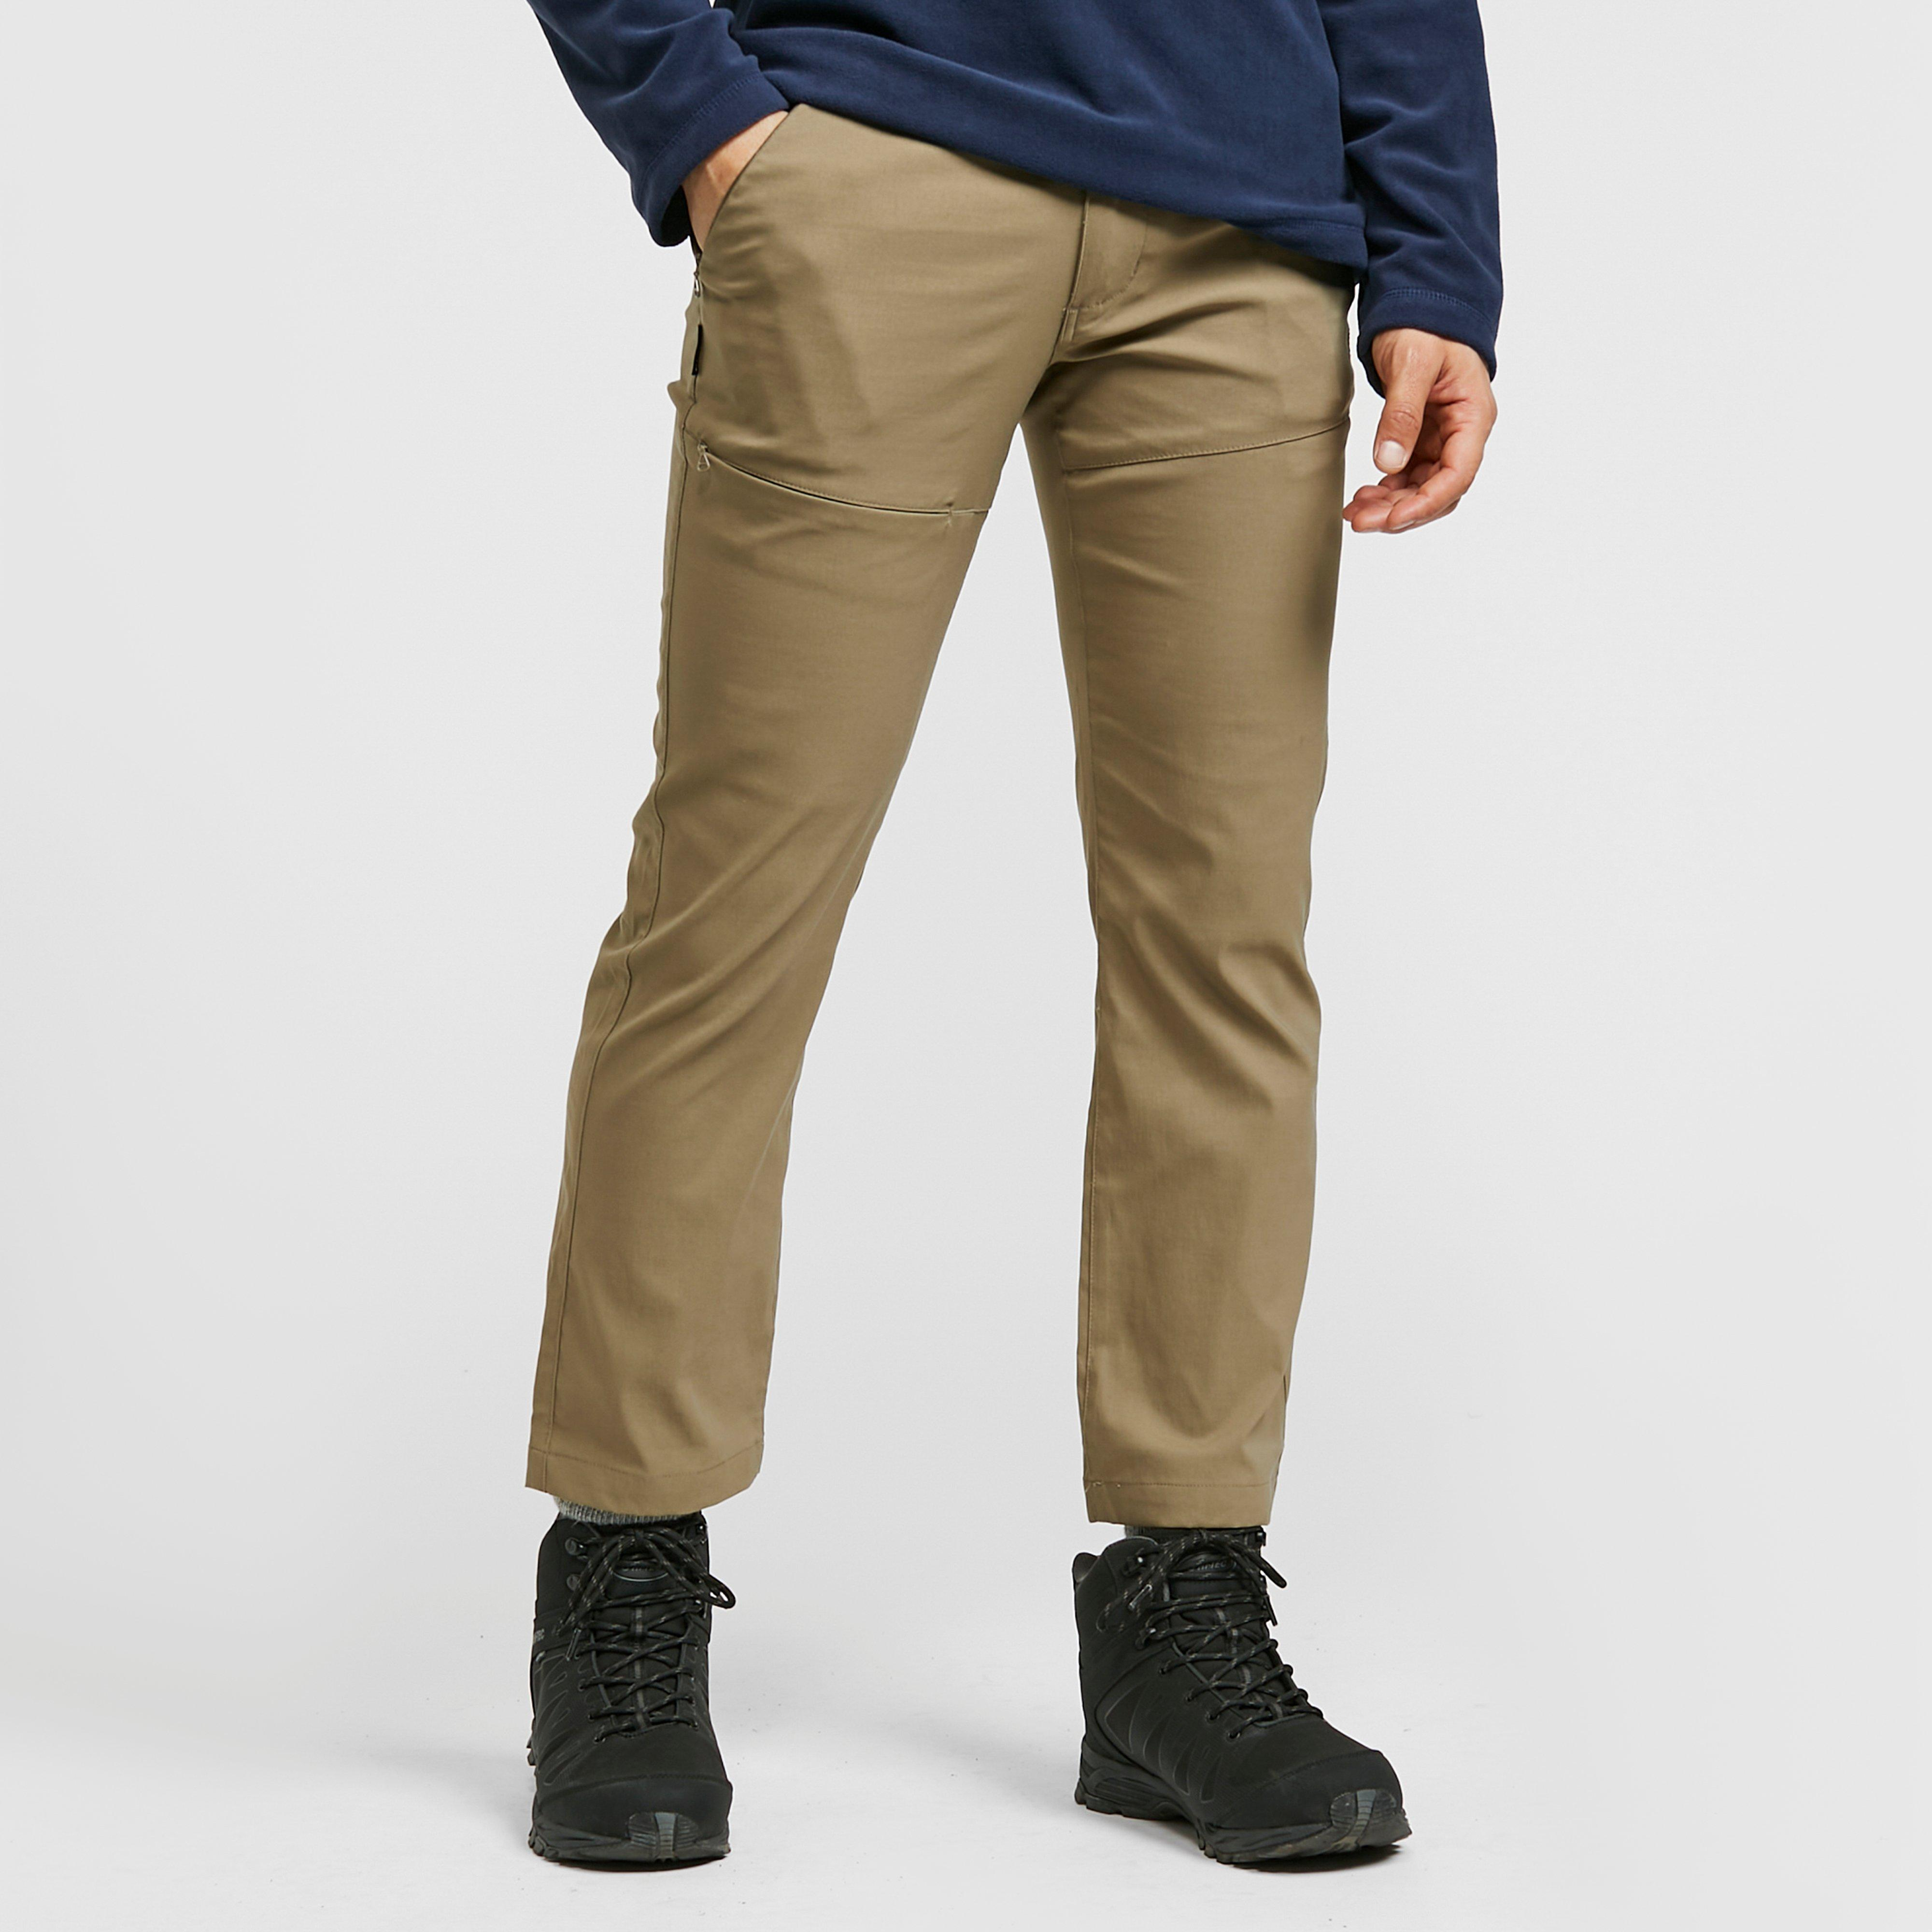 Craghoppers Men's Kiwi Pro Ii Trousers - Beige, Beige